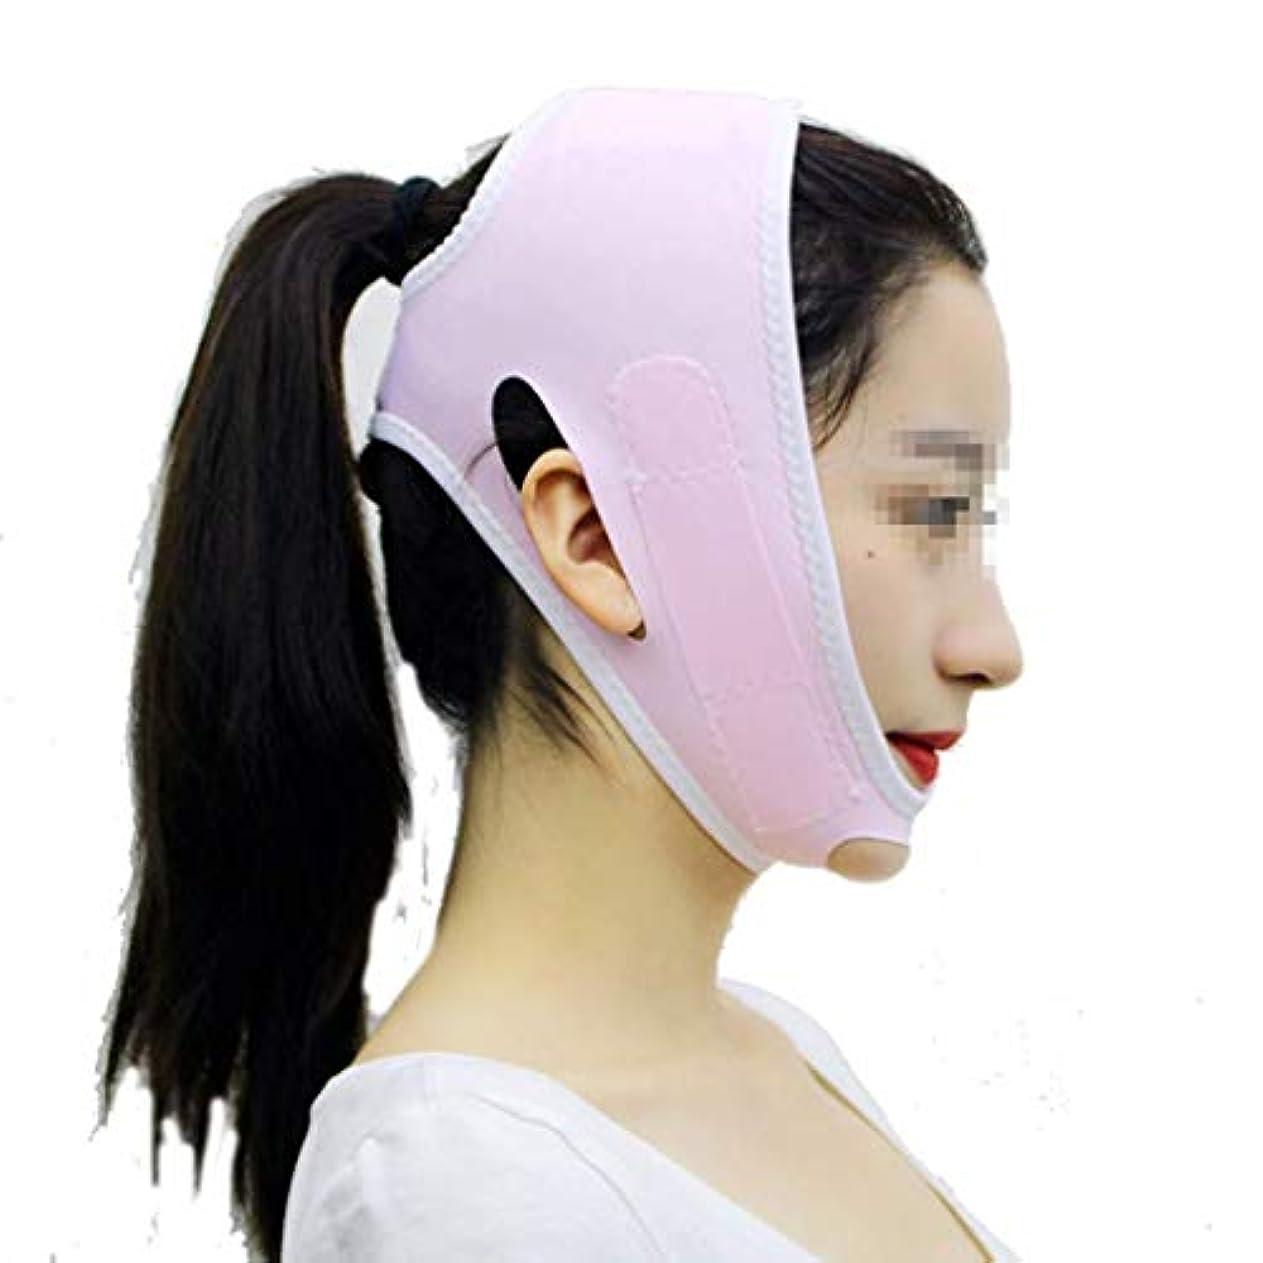 輸血敬意を表してクルーズ美容包帯、Vフェイス睡眠薄いフェイスマスクライン彫刻回復フードリフティング引き締めフェイスダブルチンマスクマルチカラーオプション(カラー:ピンク),ピンク